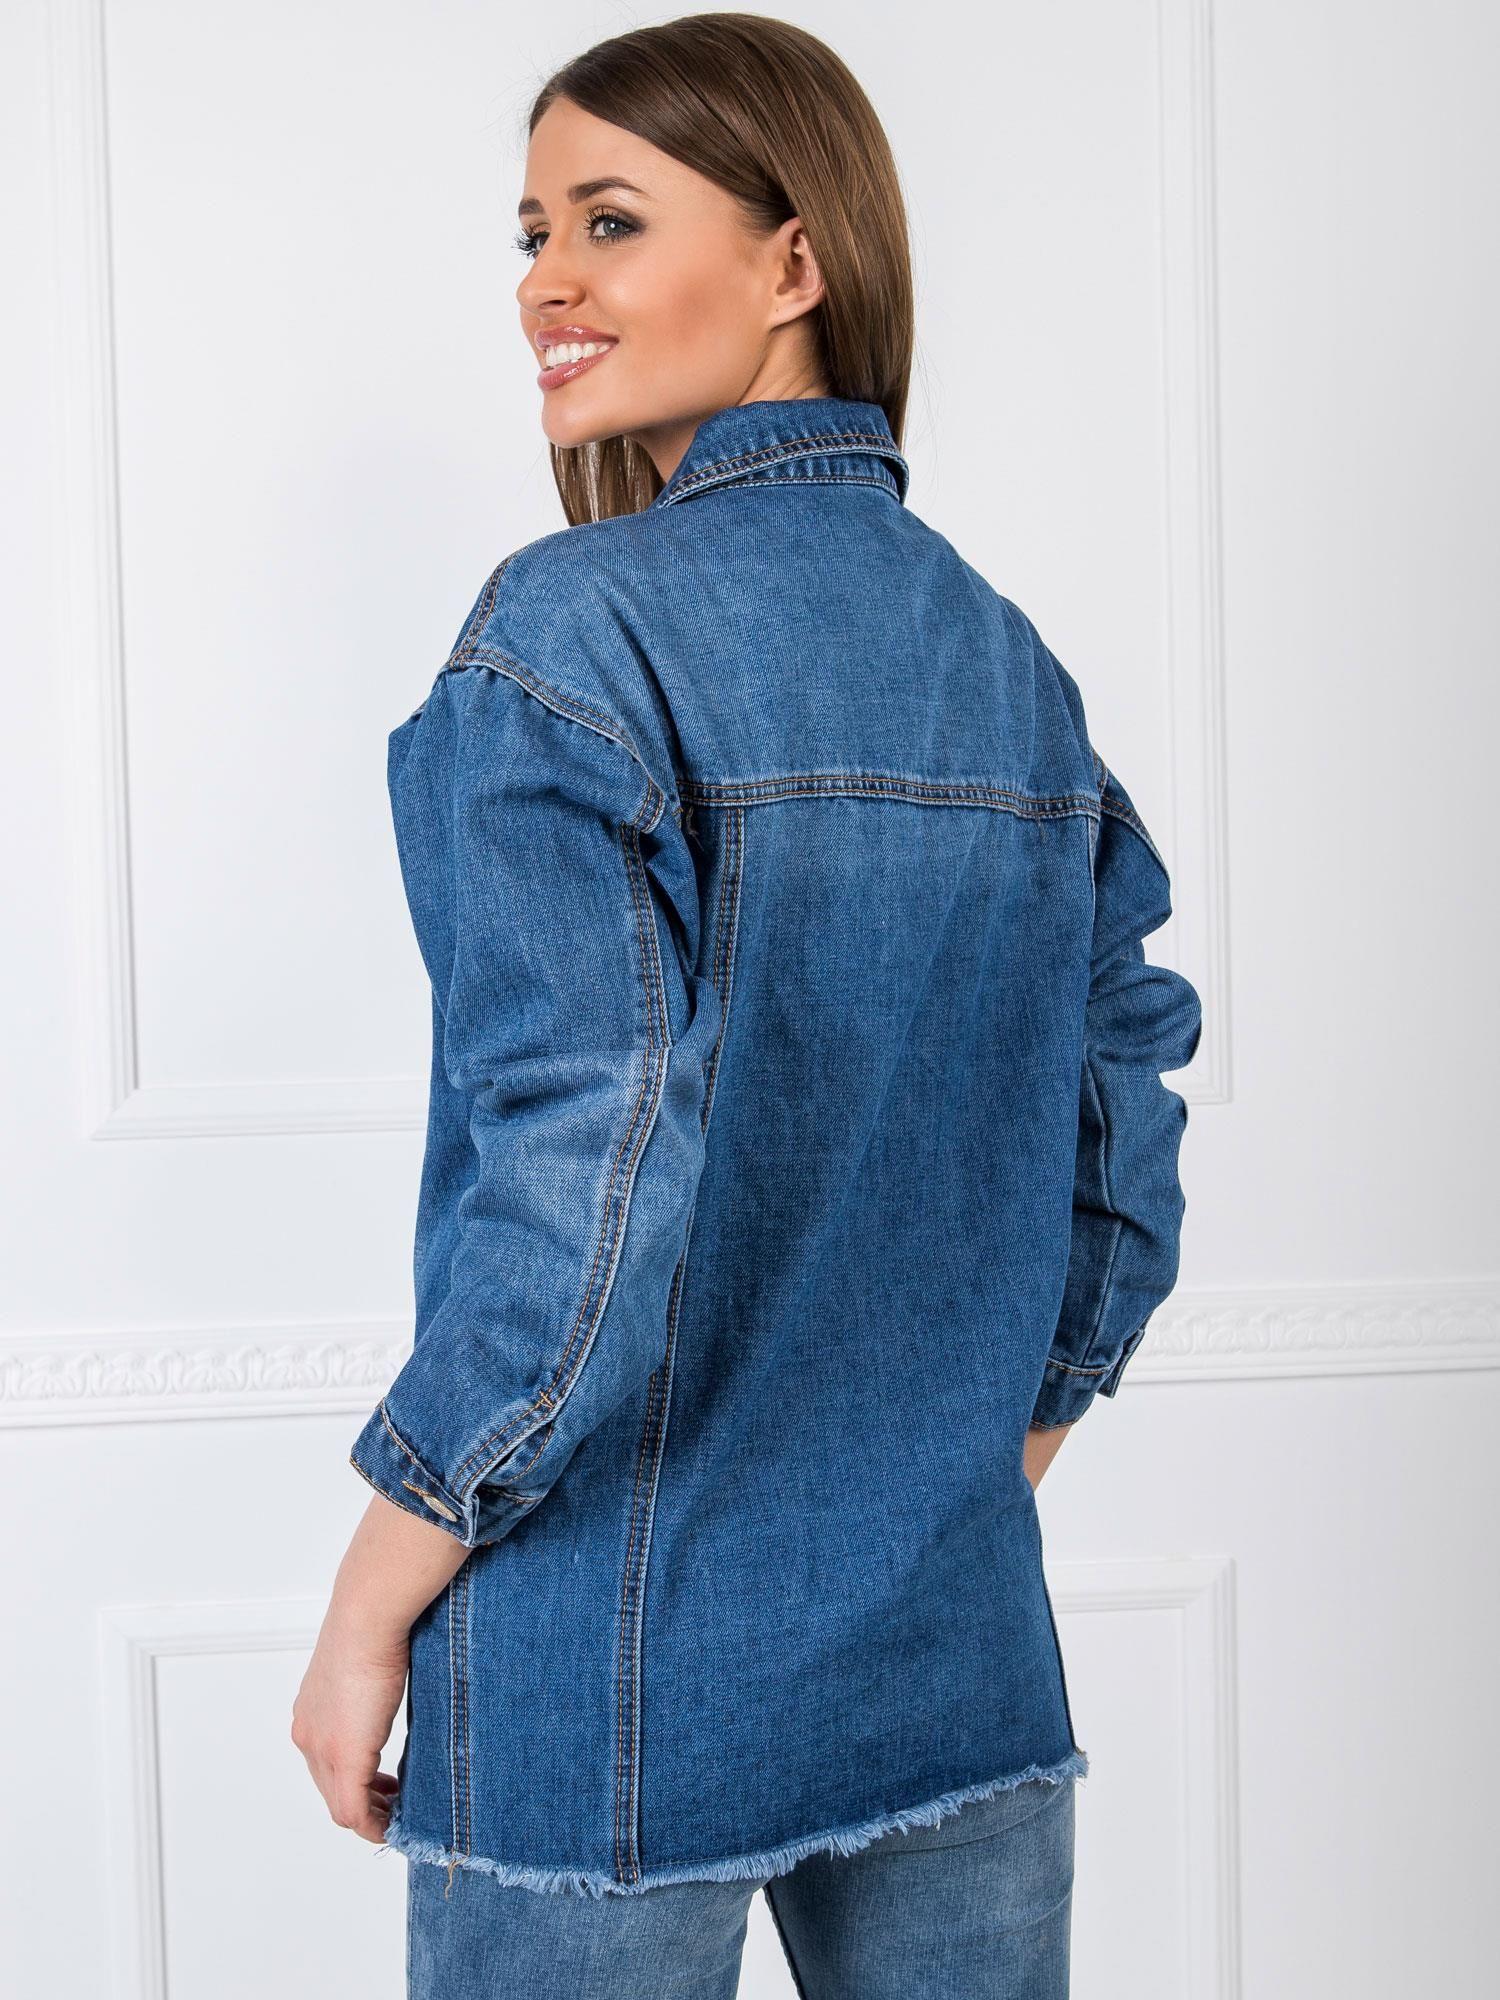 Jeansjacke in Dunkel mit offenem Saum Rückansicht